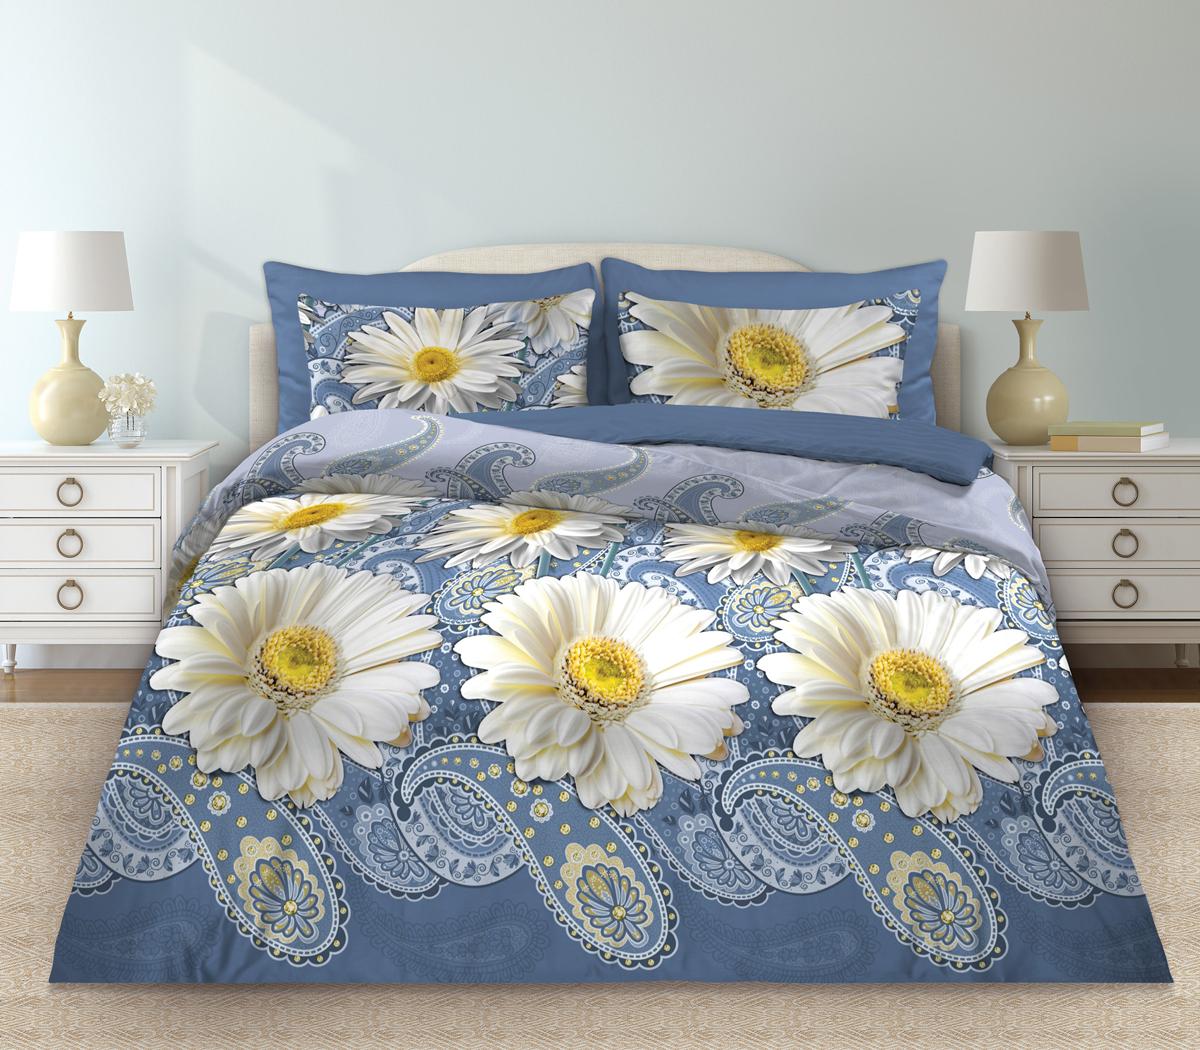 Комплект белья Любимый дом Русский узор, 1,5 спальное, наволочки 70 х 70, цвет: голубой. 331086331086Комплект постельного белья коллекции «Любимый дом» - выполнен из высококачественной ткани из 100% хлопка. Такое белье абсолютно натуральное, гипоаллергенное, соответствует строжайшим экологическим нормам безопасности, комфортное, дышащее, не нарушает естественные процессы терморегуляции, прочное, не линяет, не деформируется и не теряет своих красок даже после многочисленных стирок, а также отличается хорошей износостойкостью.